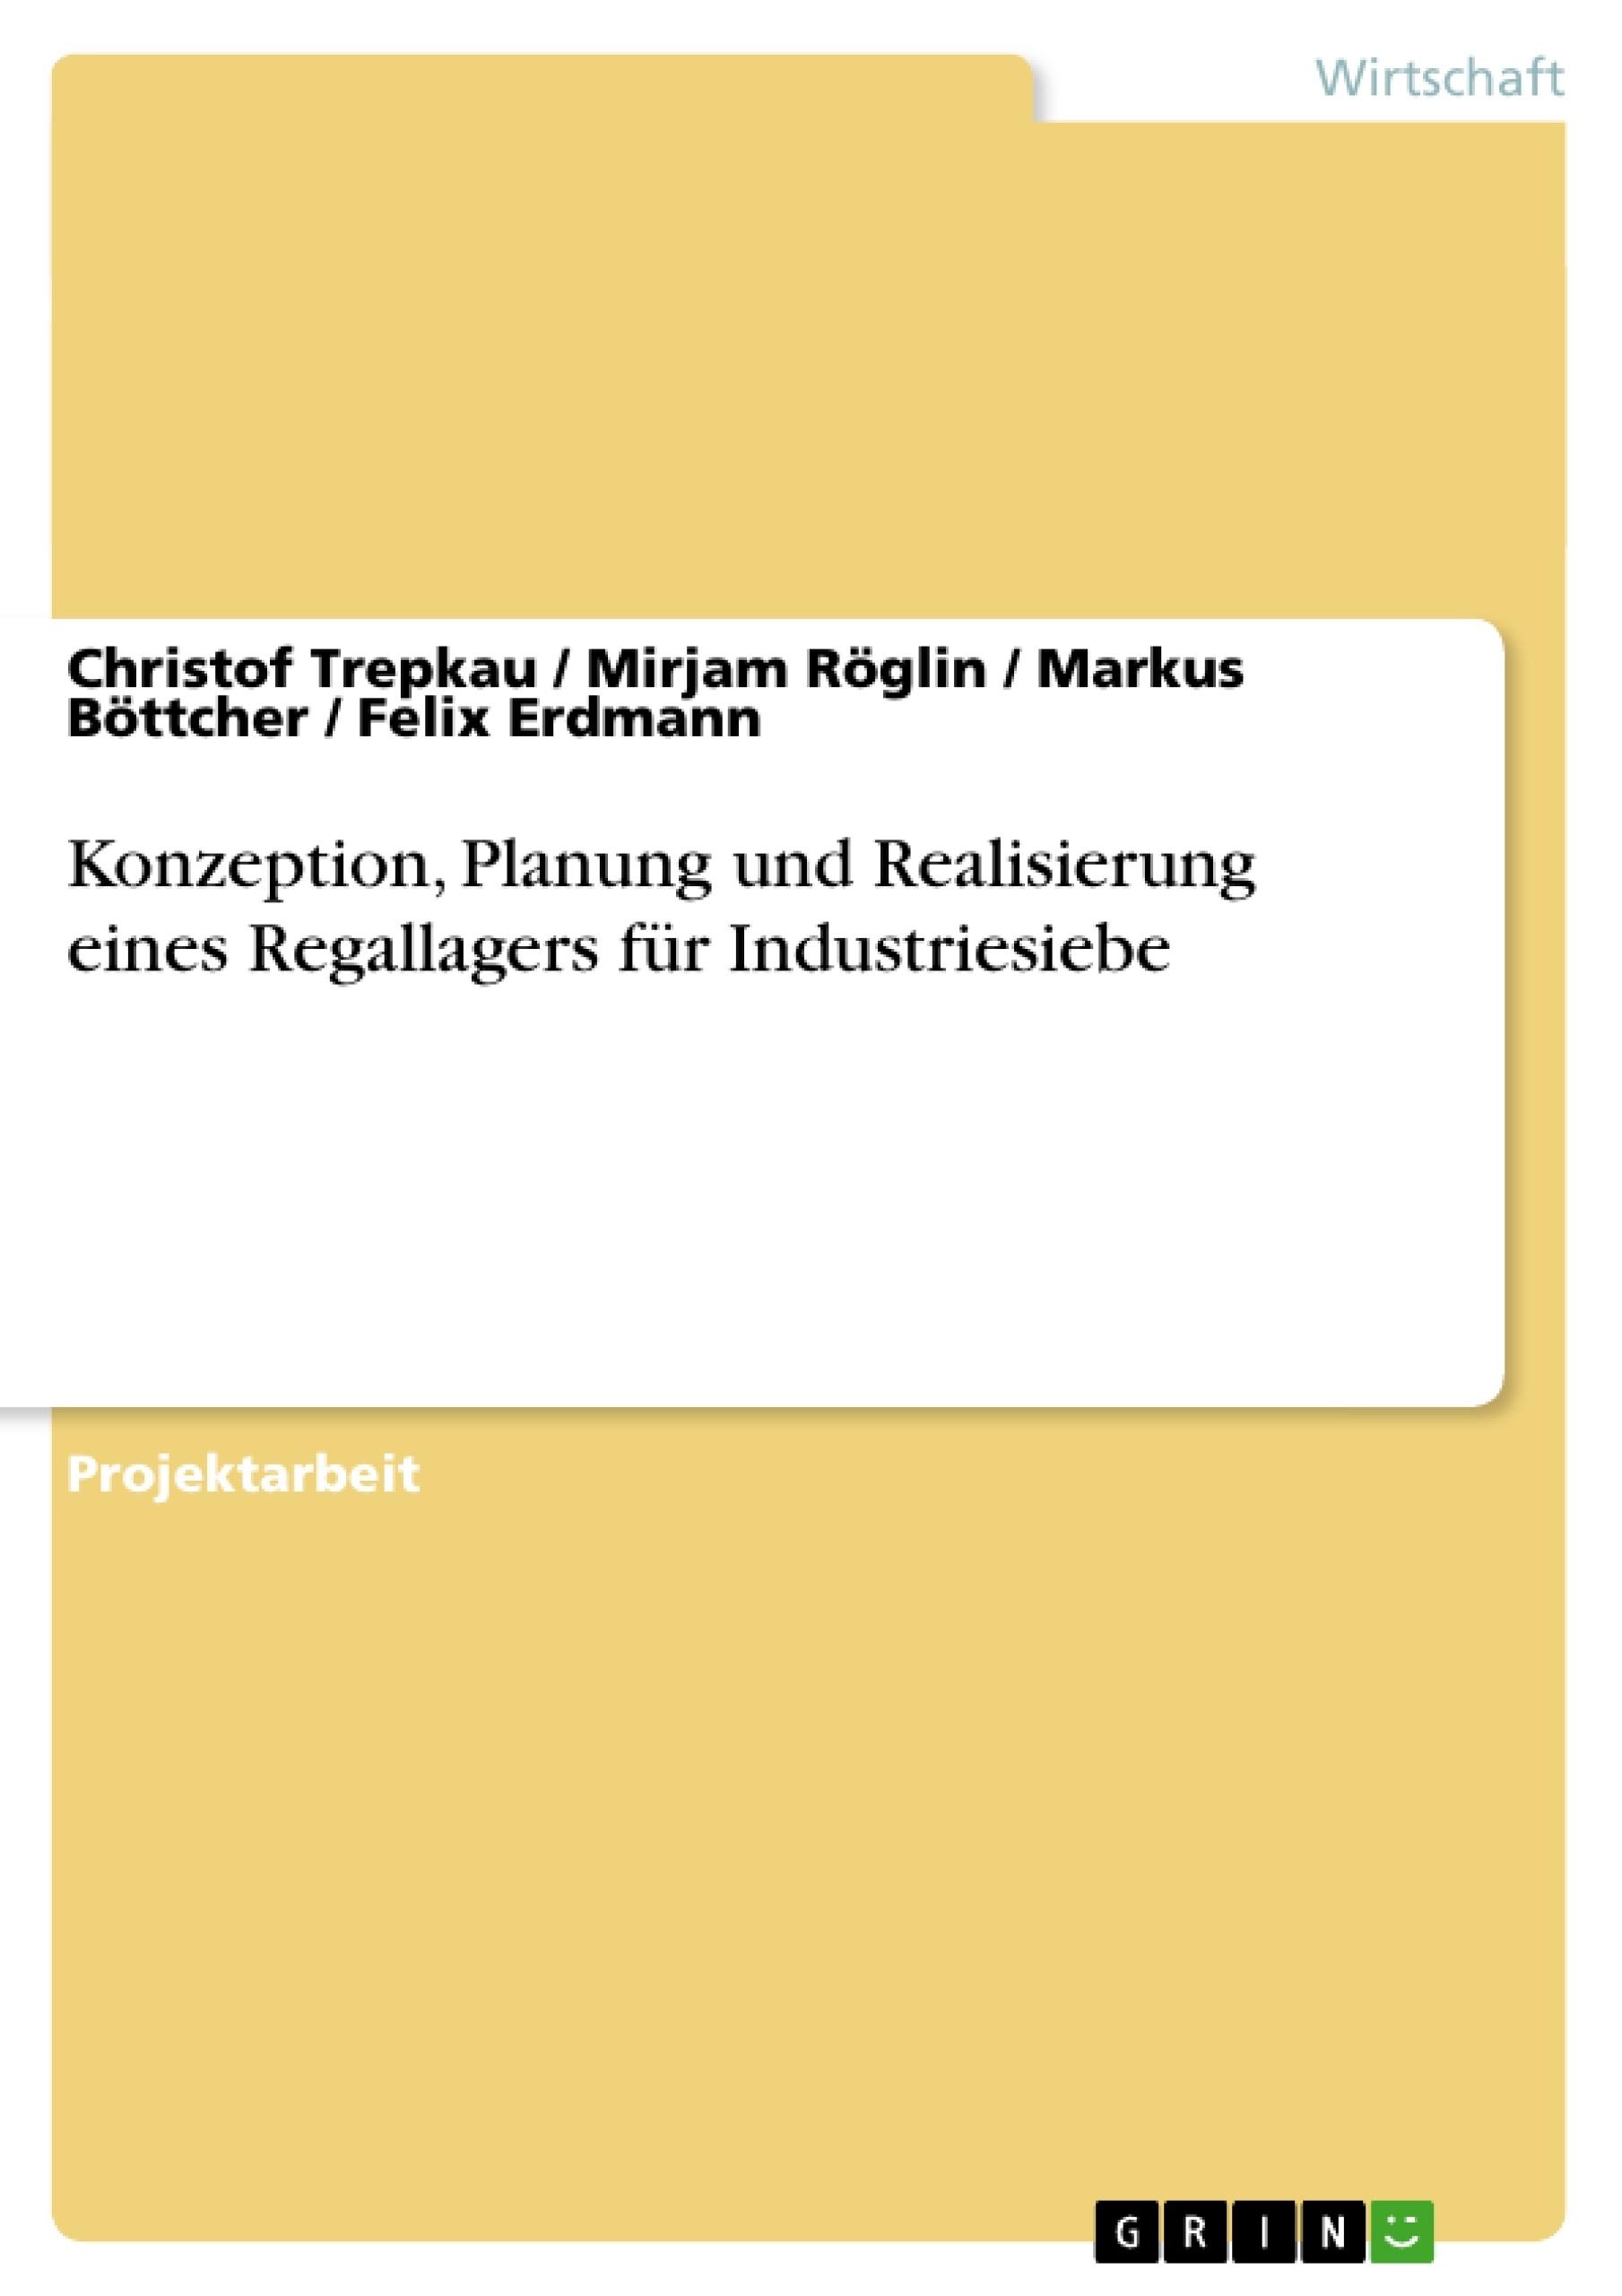 Titel: Konzeption, Planung und Realisierung  eines Regallagers für Industriesiebe